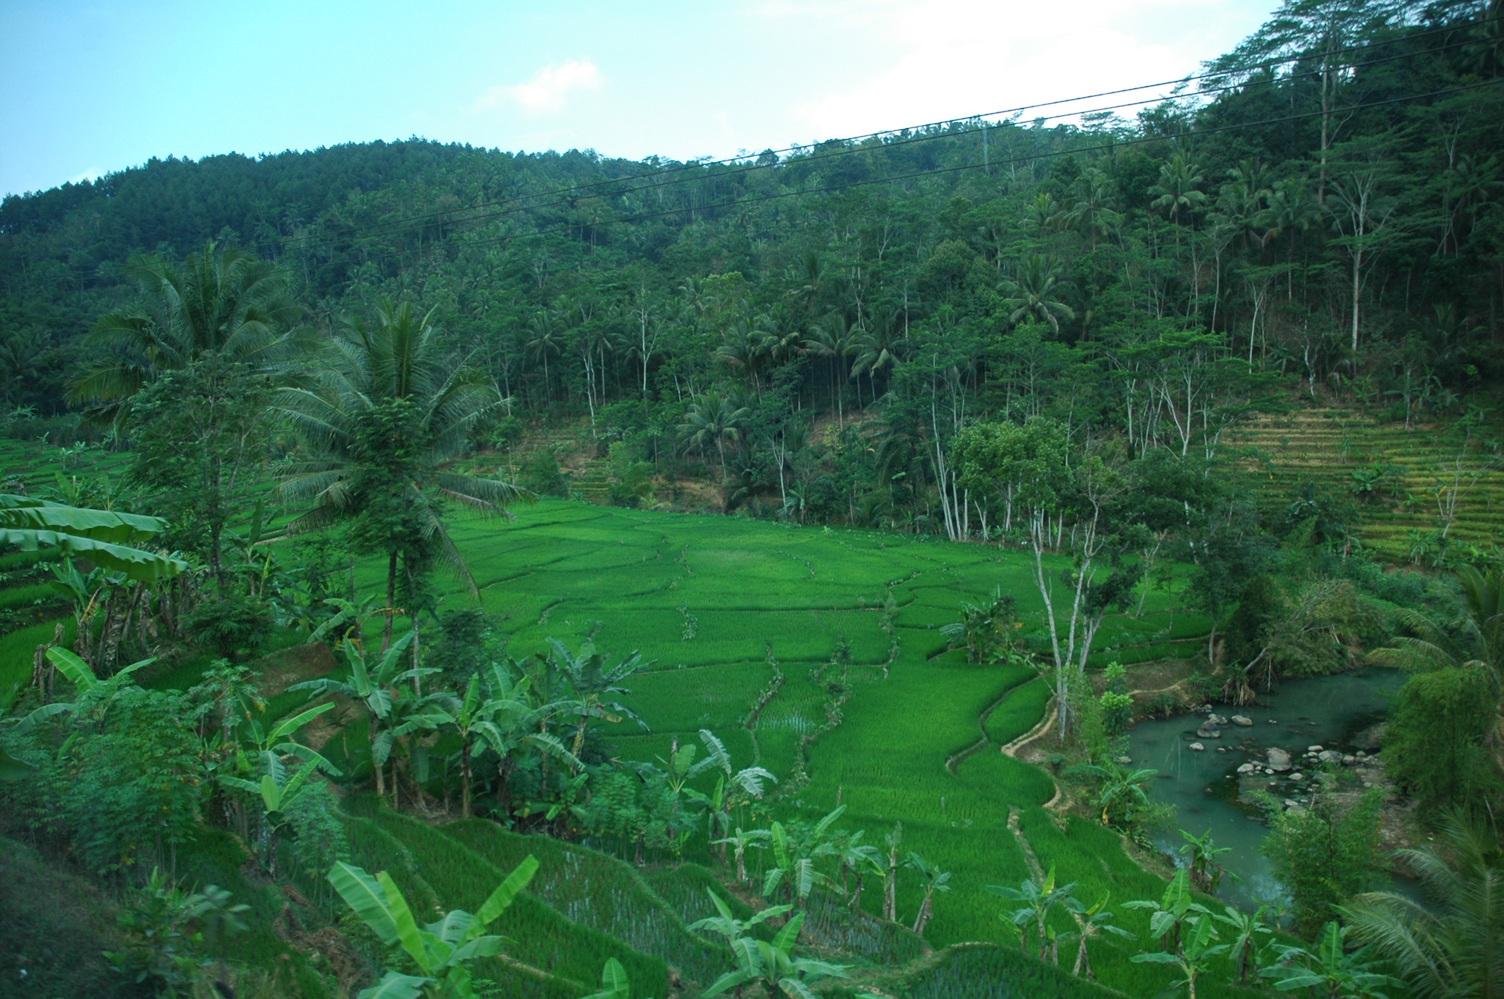 인도네시아 농촌풍경 (4).jpg